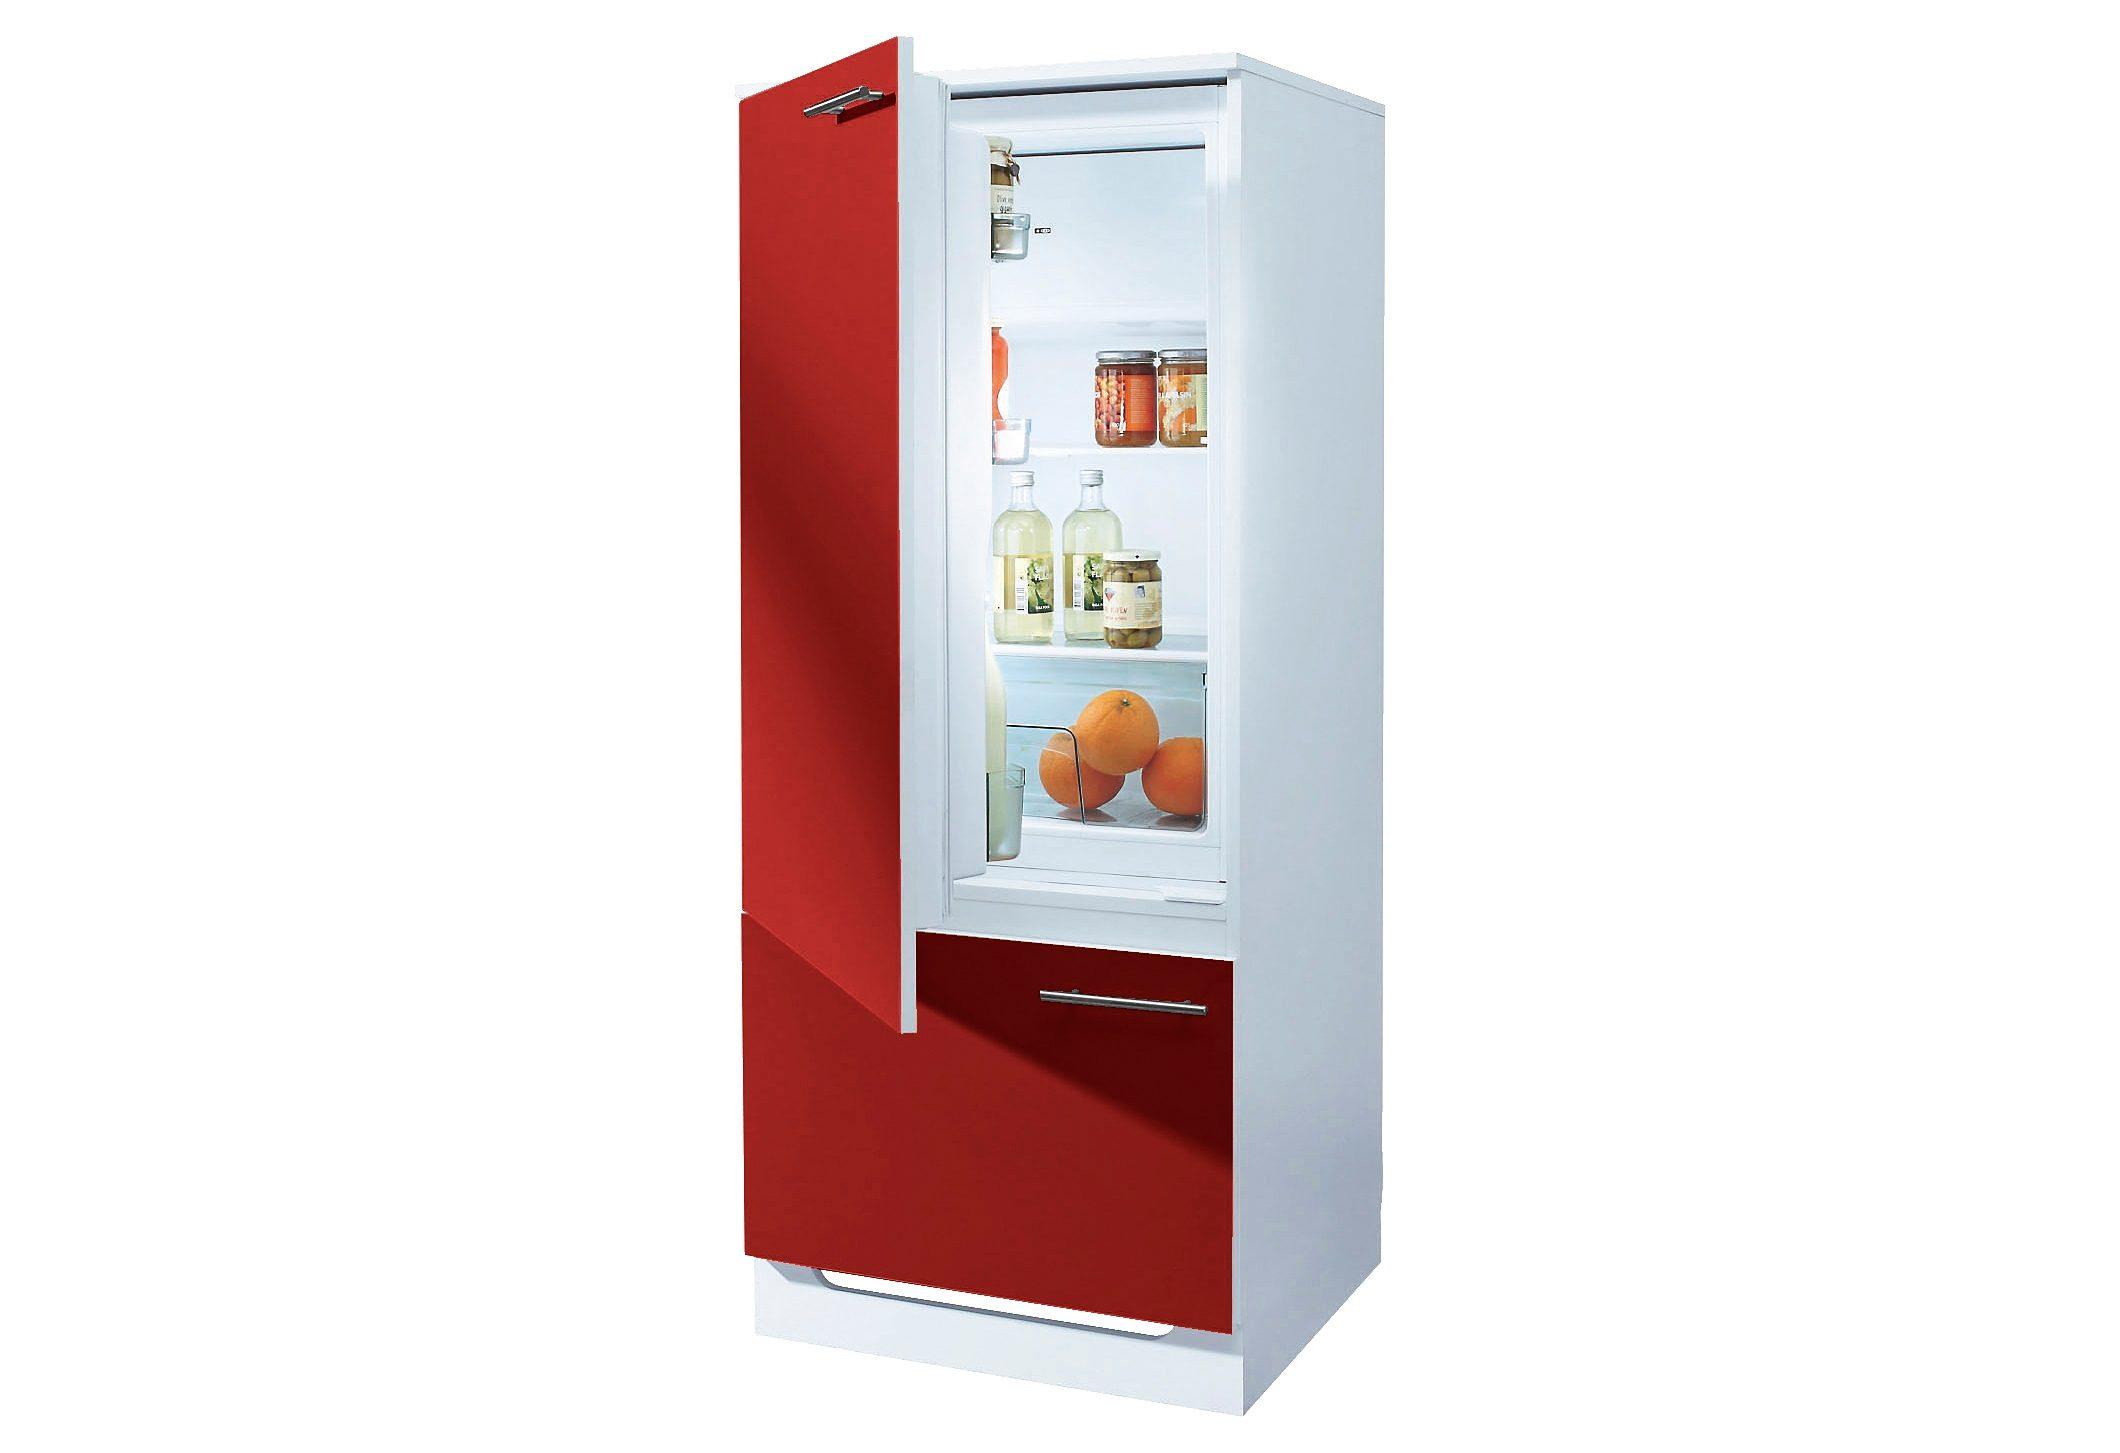 Amica Kühlschrank Gut Oder Schlecht : Kühlmodul ahus« mit kühlschrank amica eks « online